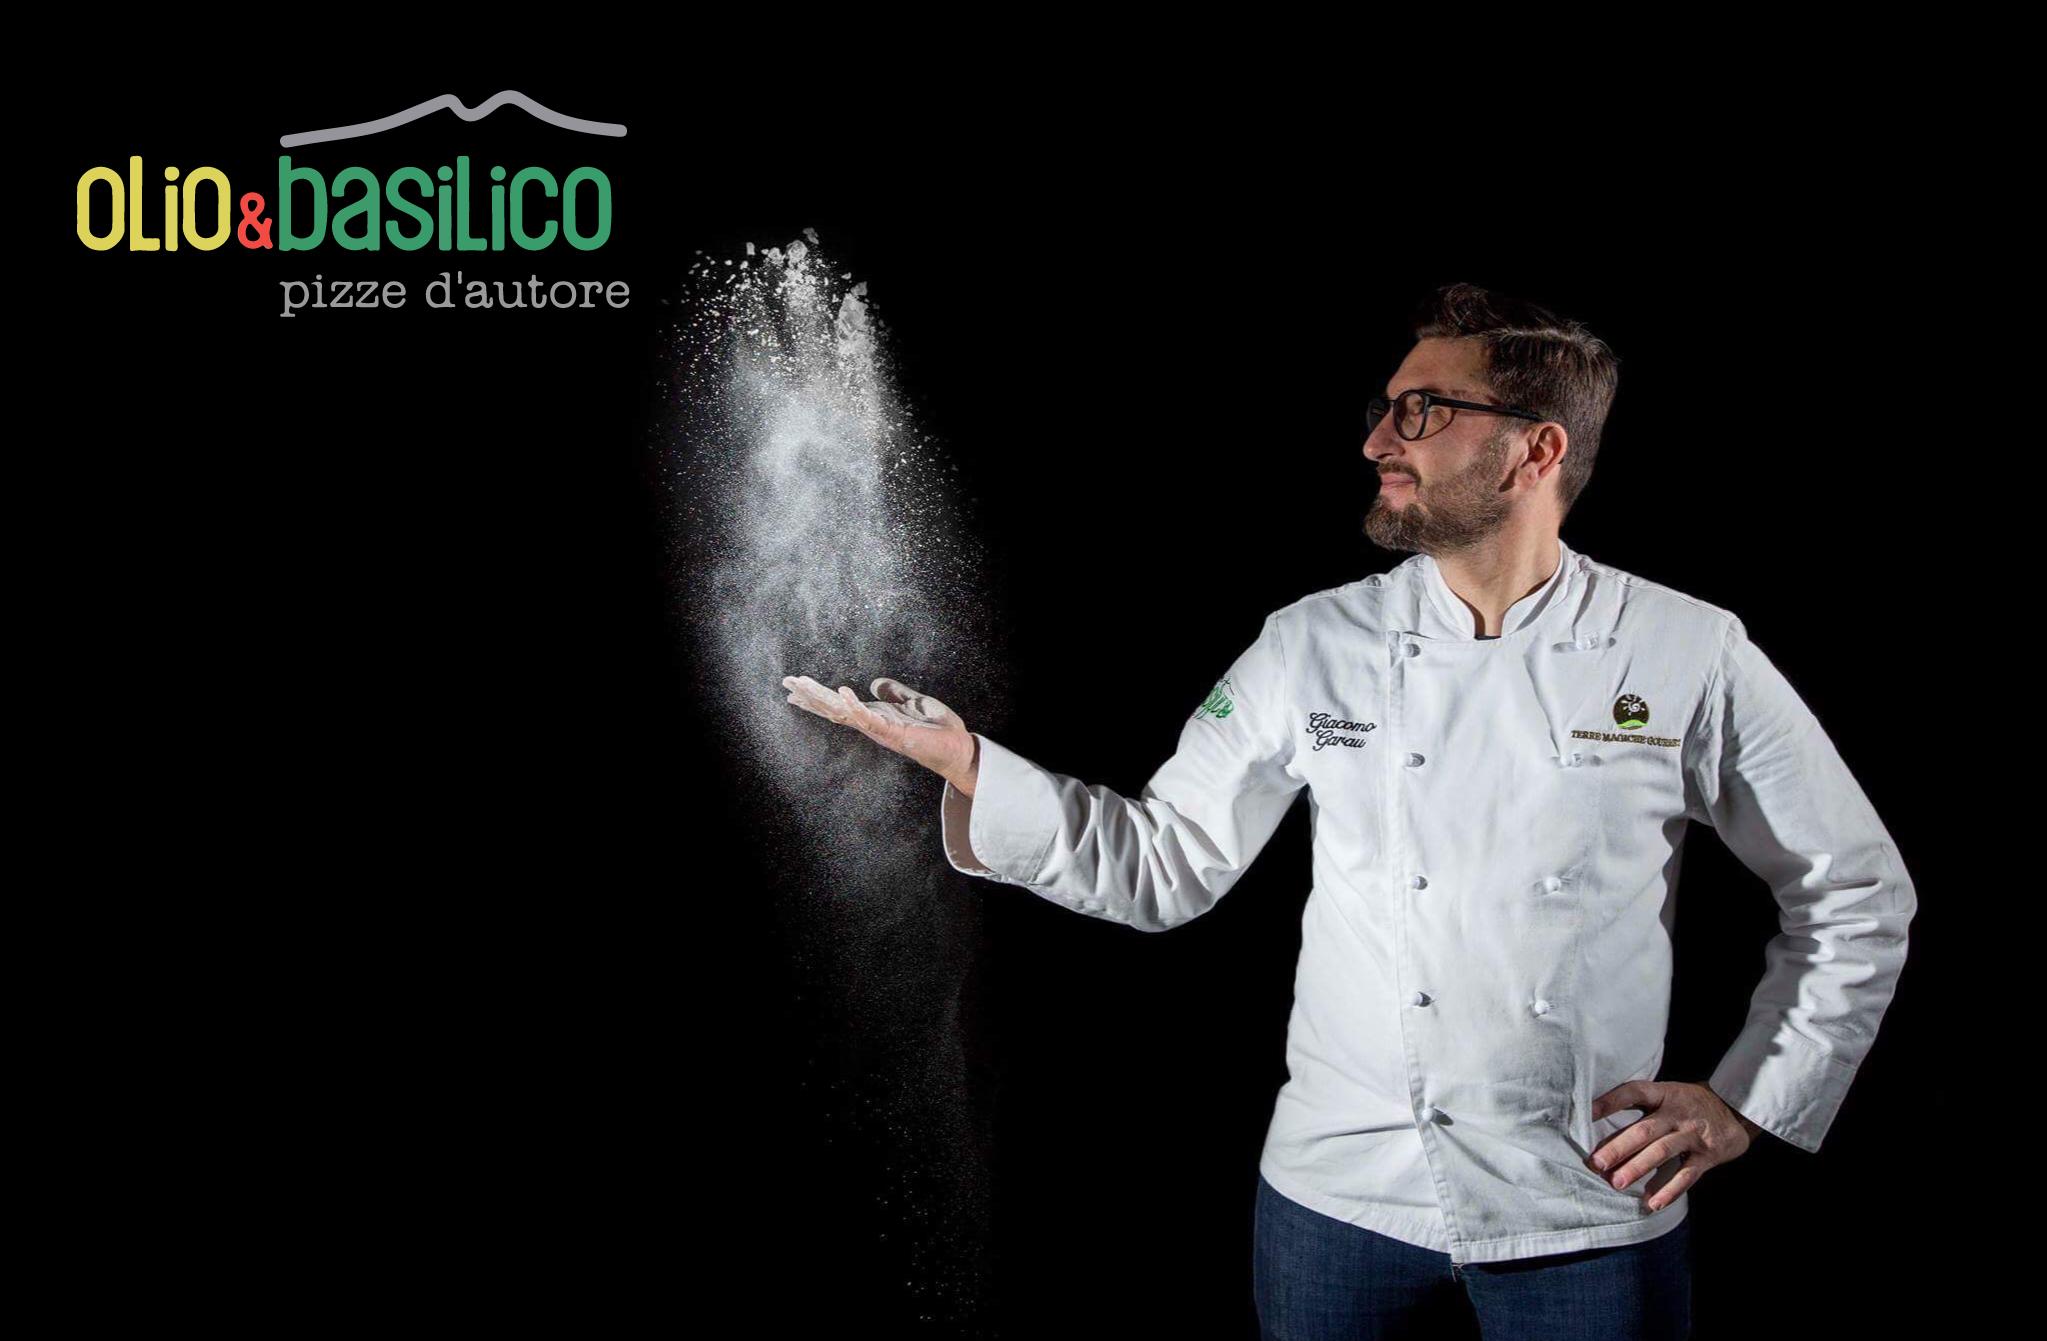 Le Specialità Gourmet Della Pizza Di Giacomo Garau E Gli Impasti Alternativi Da Olio & Basilico